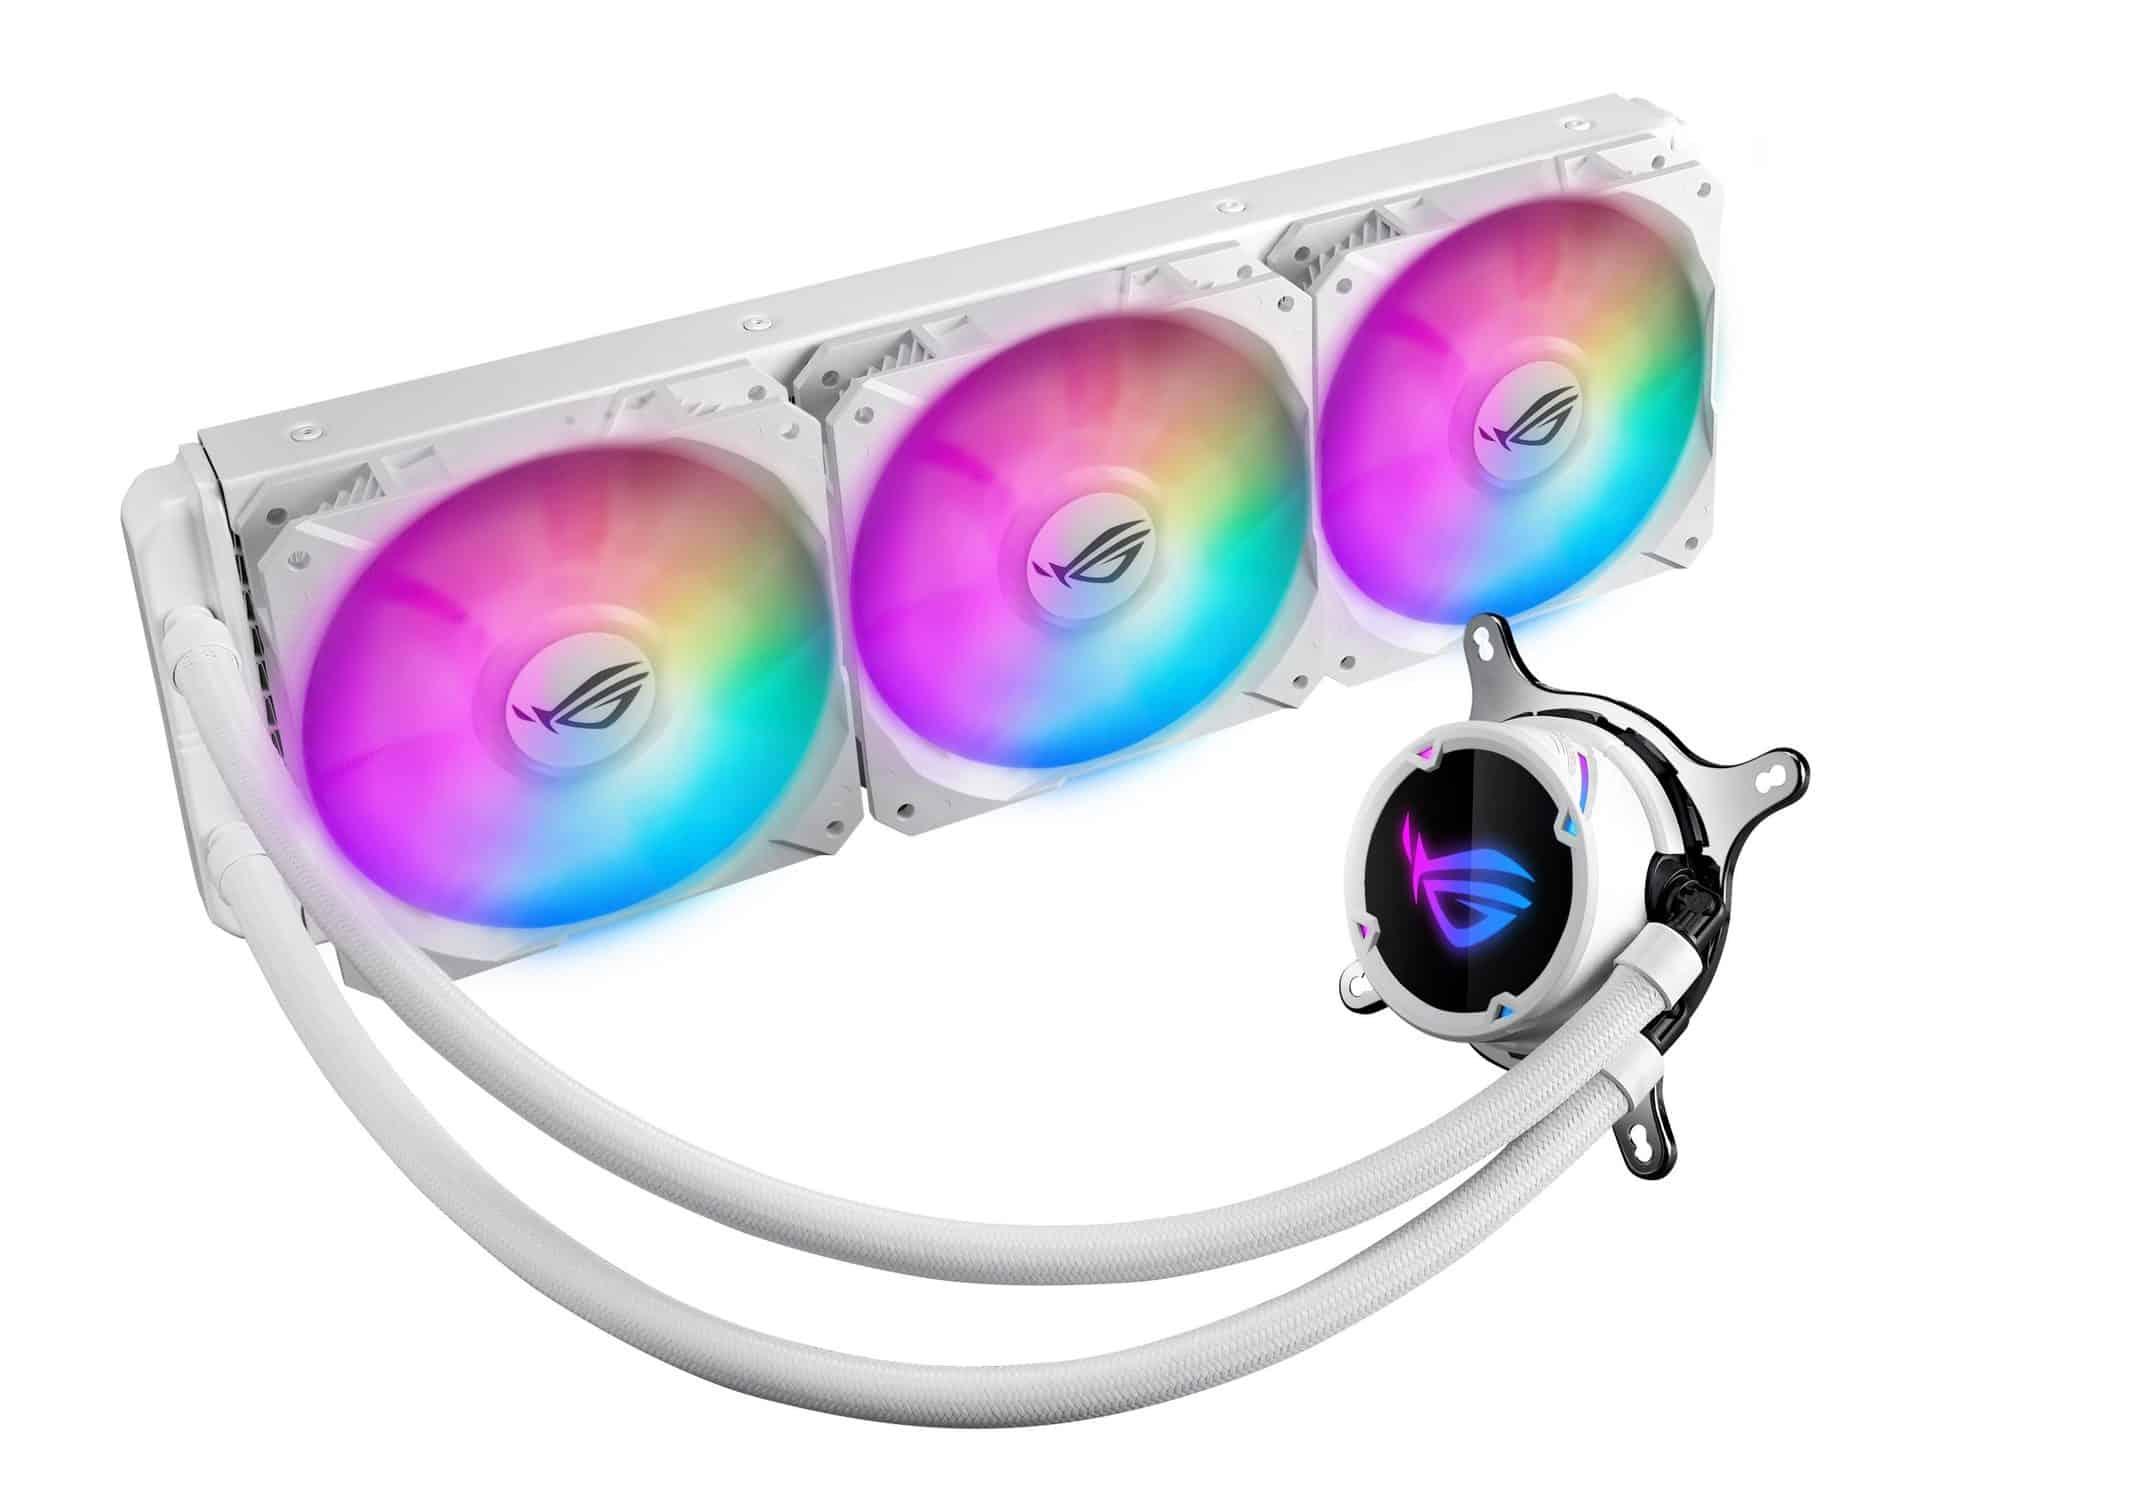 ROG STRIX LC 360 RGB WE